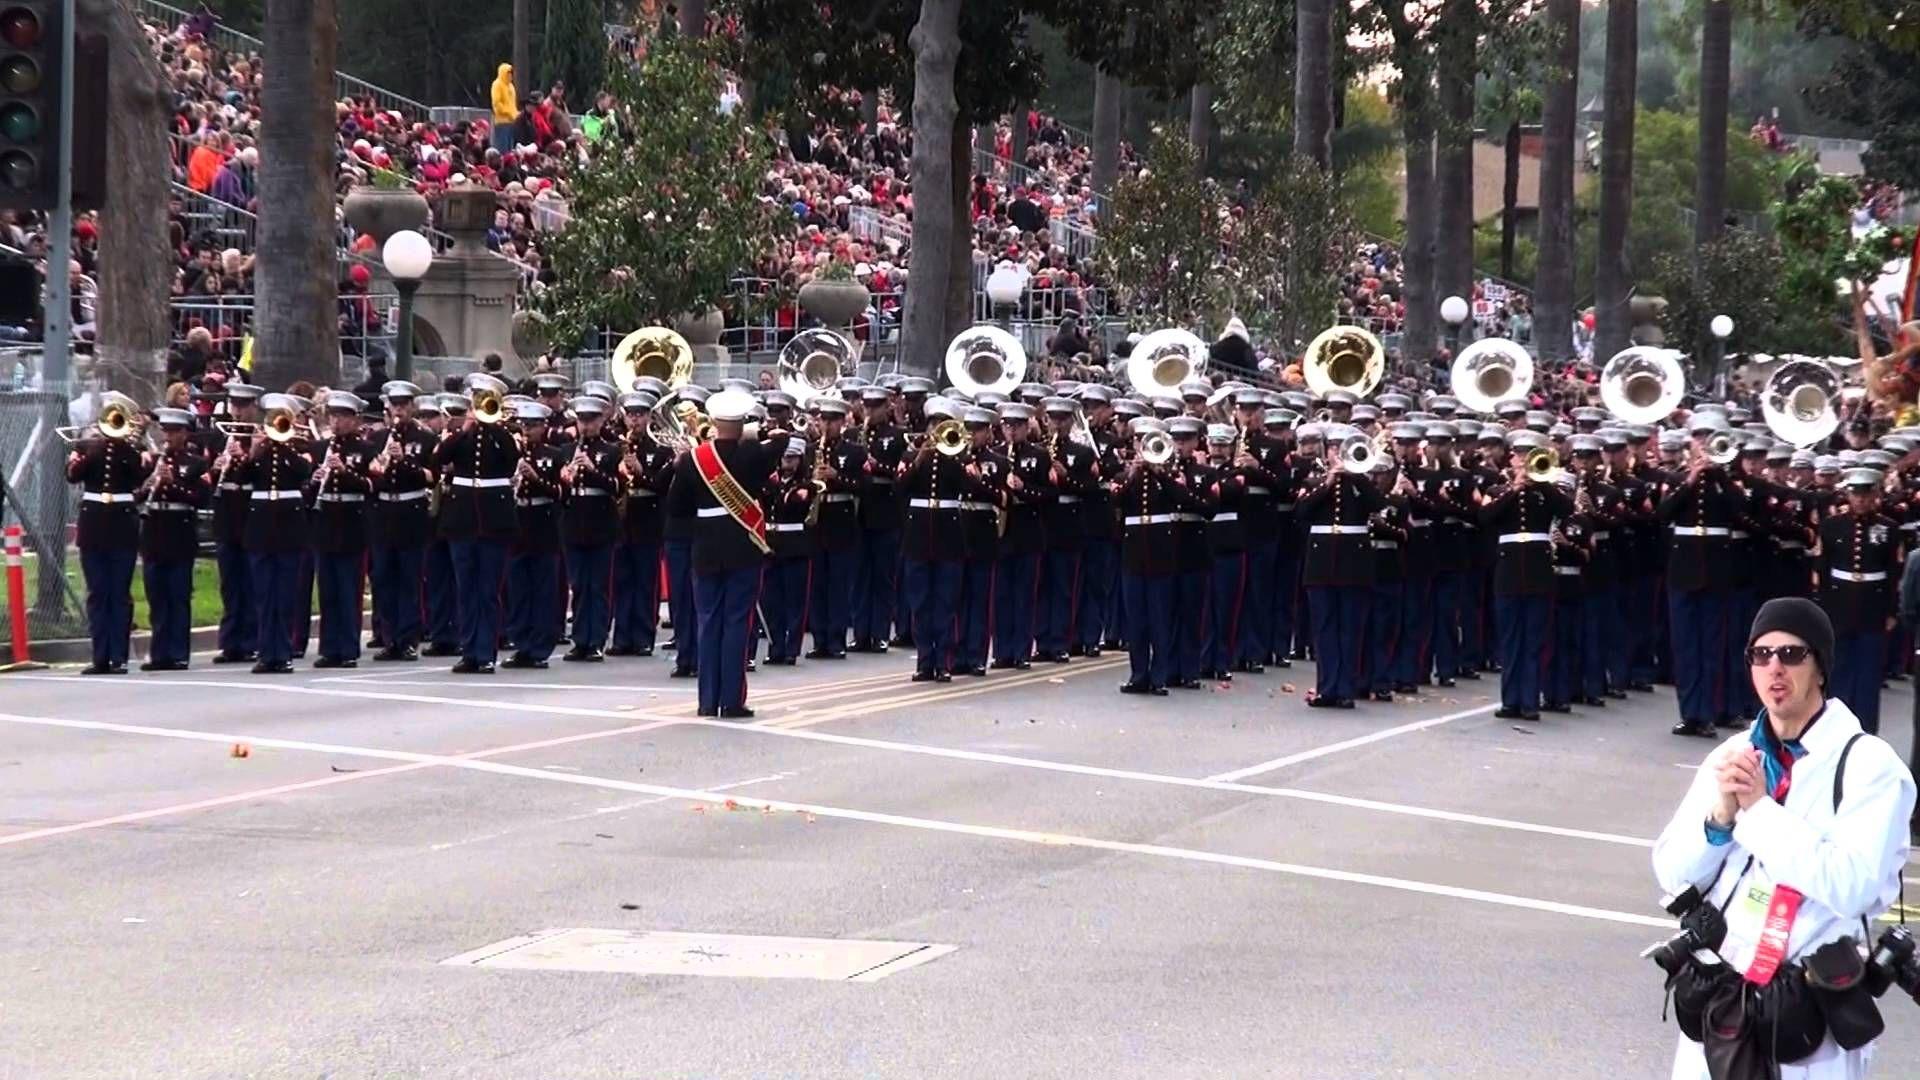 USMC West Coast Composite Band 2013 Pasadena Rose Parade